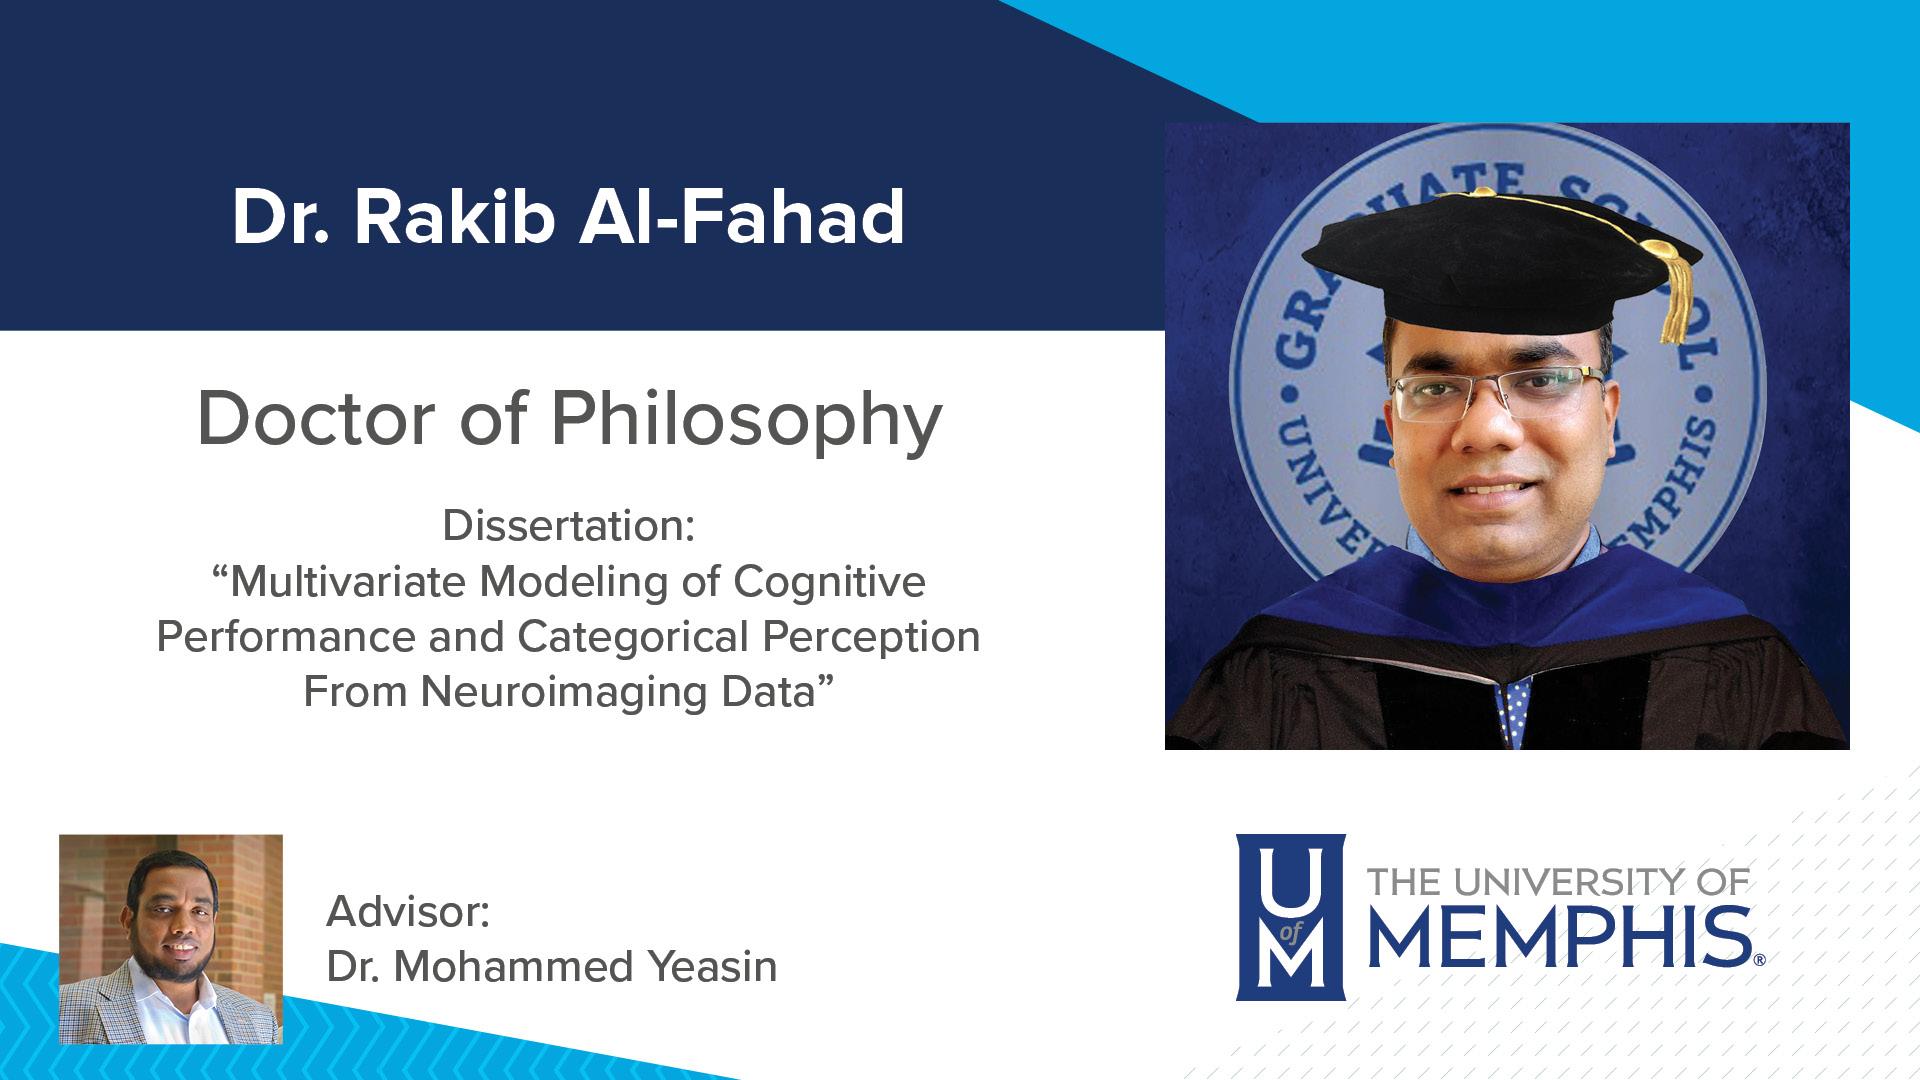 """Dr. Rakib Al-Fahad Dissertation: """"Multivariate Modeling of Cognitive Performance and Categorical Perception From Neuroimaging Data """" Major Professor: Dr. Mohammed Yeasin"""